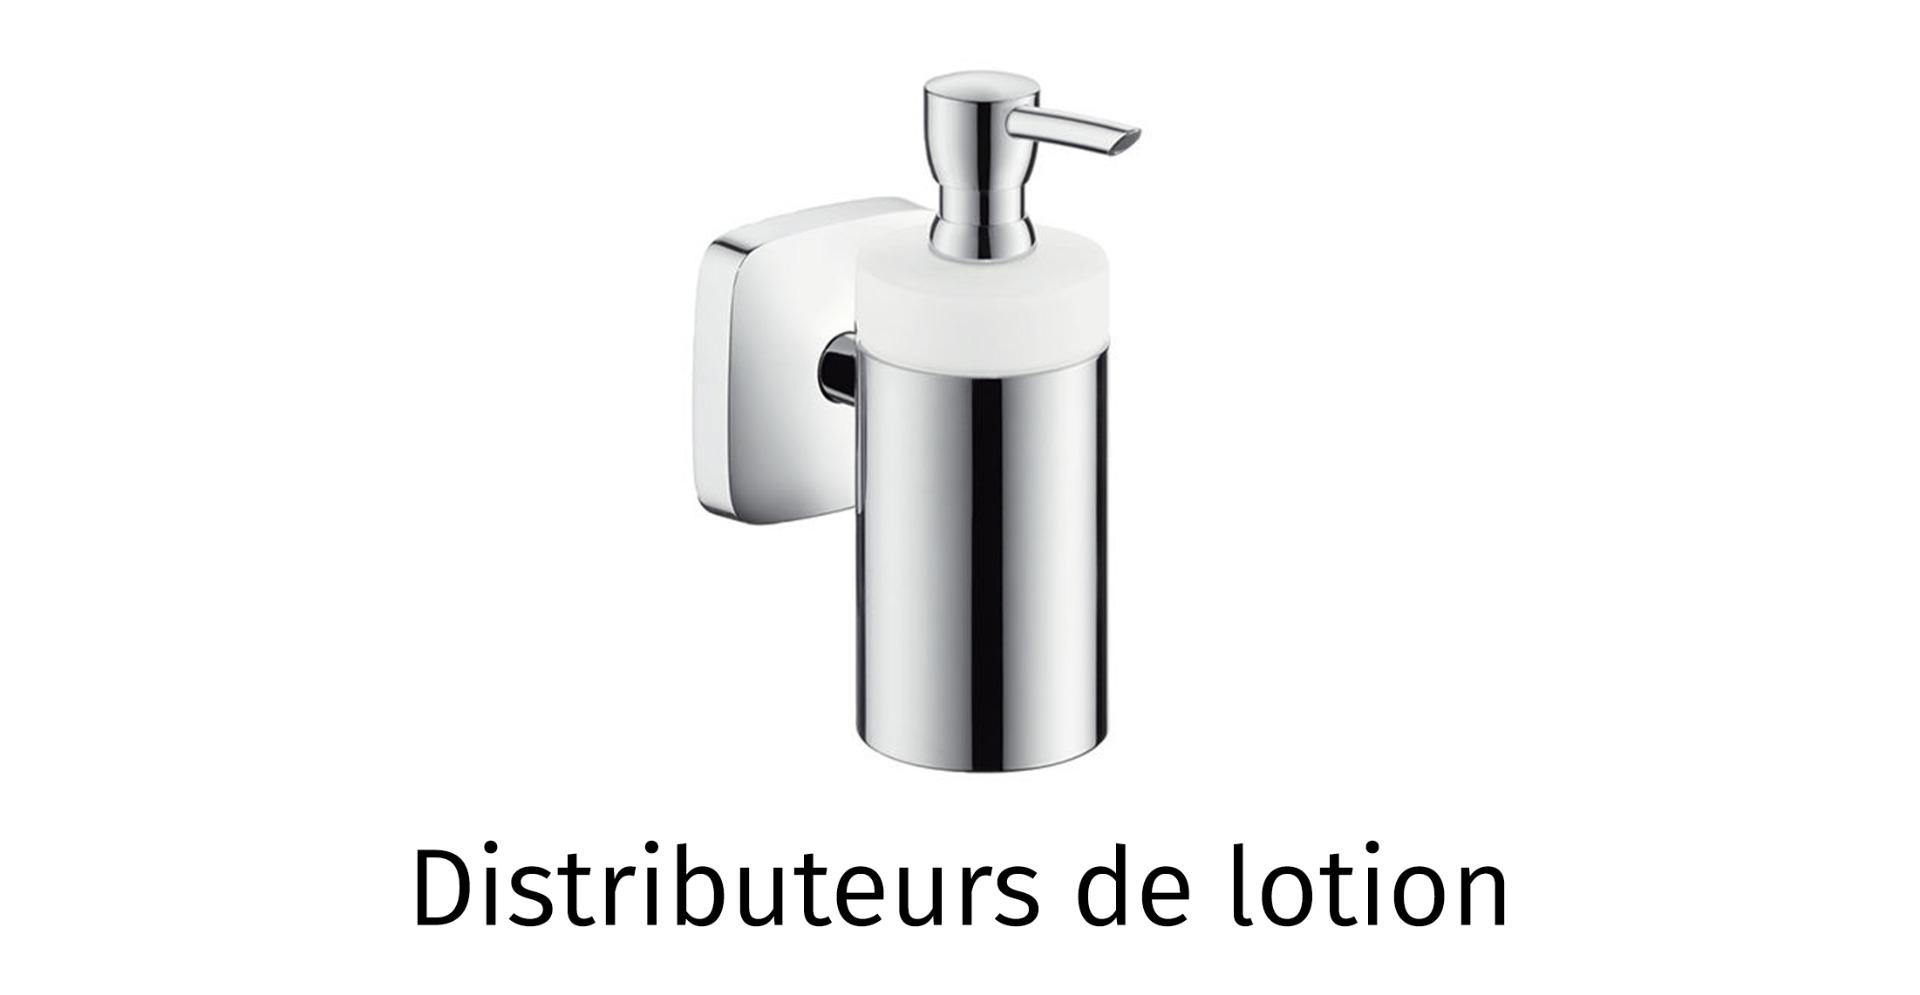 Distributeurs de lotion